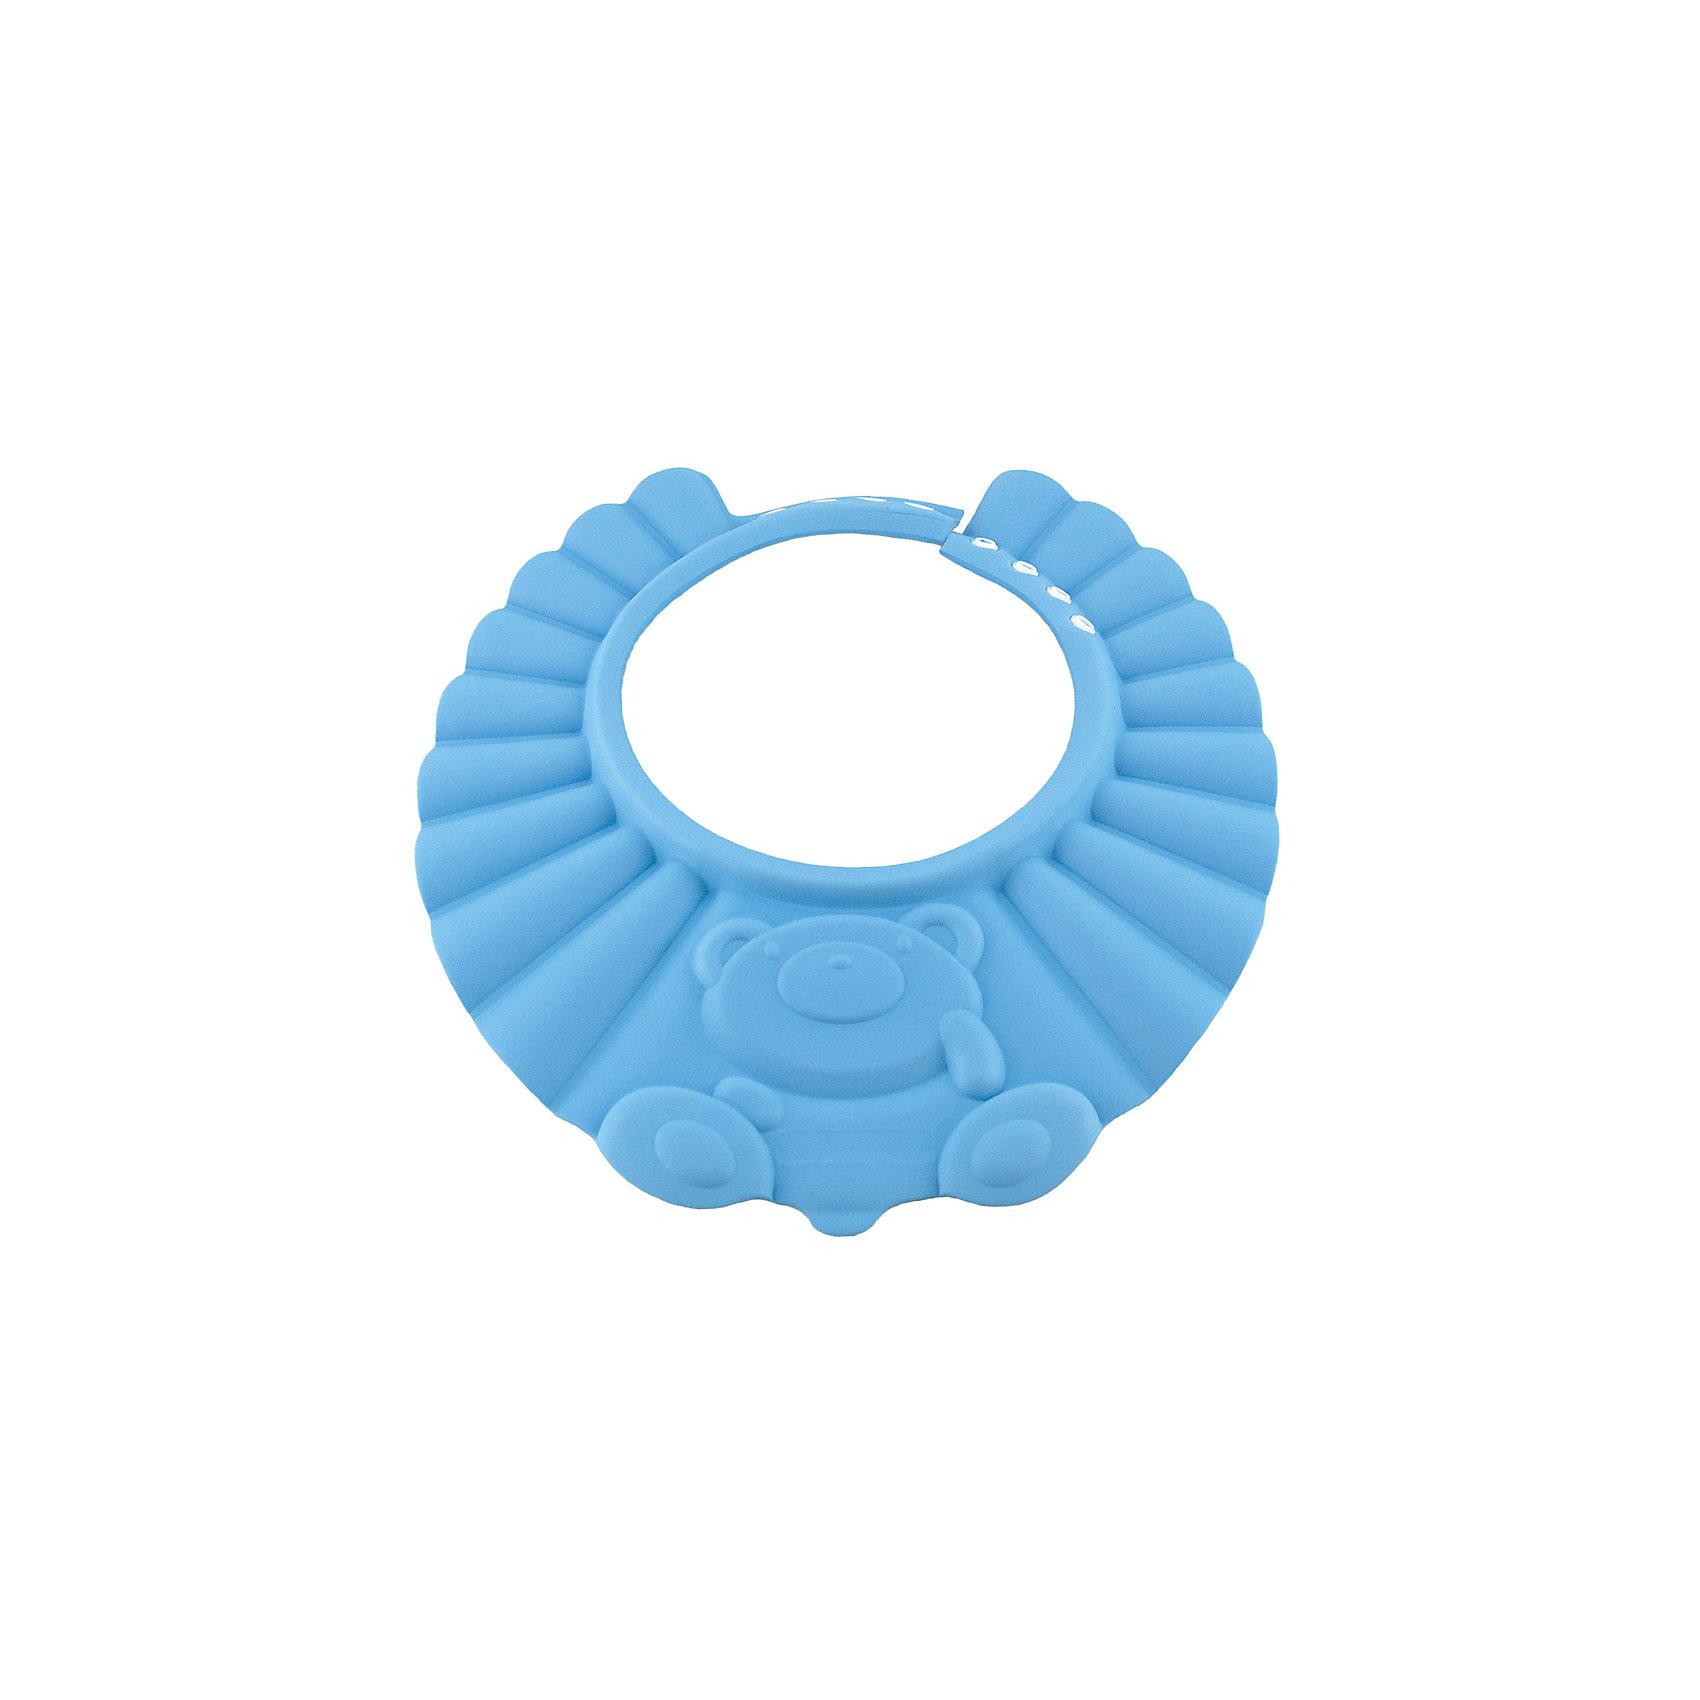 Козырек для душа, BabySwimmer, голубойПрочие аксессуары<br>Многие малыши боятся купания и воды. причина проста. Им попадает в глазки мыльная вода, которая щиплет слизистую. Козырек для душа станет отличным решением данной проблемы. Конструкция прочно держится на голове, не сдавливая кожу и не доставляя дискомфорт. Глаза и уши ребенка будут всегда защищены от раздражающих жидкостей. Козырек можно использовать для детских парикмахерских услуг. Все материалы, использованные при разработке и изготовлении складной ванночки безопасны для использования, отвечают всем требованиям экологичности и качества детских товаров, а так же гипоаллергенны.<br><br>Дополнительная информация:<br><br>цвет: голубой.<br><br>Козырек для душа Baby Swimmer можно приобрести в нашем магазине.<br><br>Ширина мм: 310<br>Глубина мм: 25<br>Высота мм: 365<br>Вес г: 40<br>Возраст от месяцев: 0<br>Возраст до месяцев: 36<br>Пол: Унисекс<br>Возраст: Детский<br>SKU: 4968122